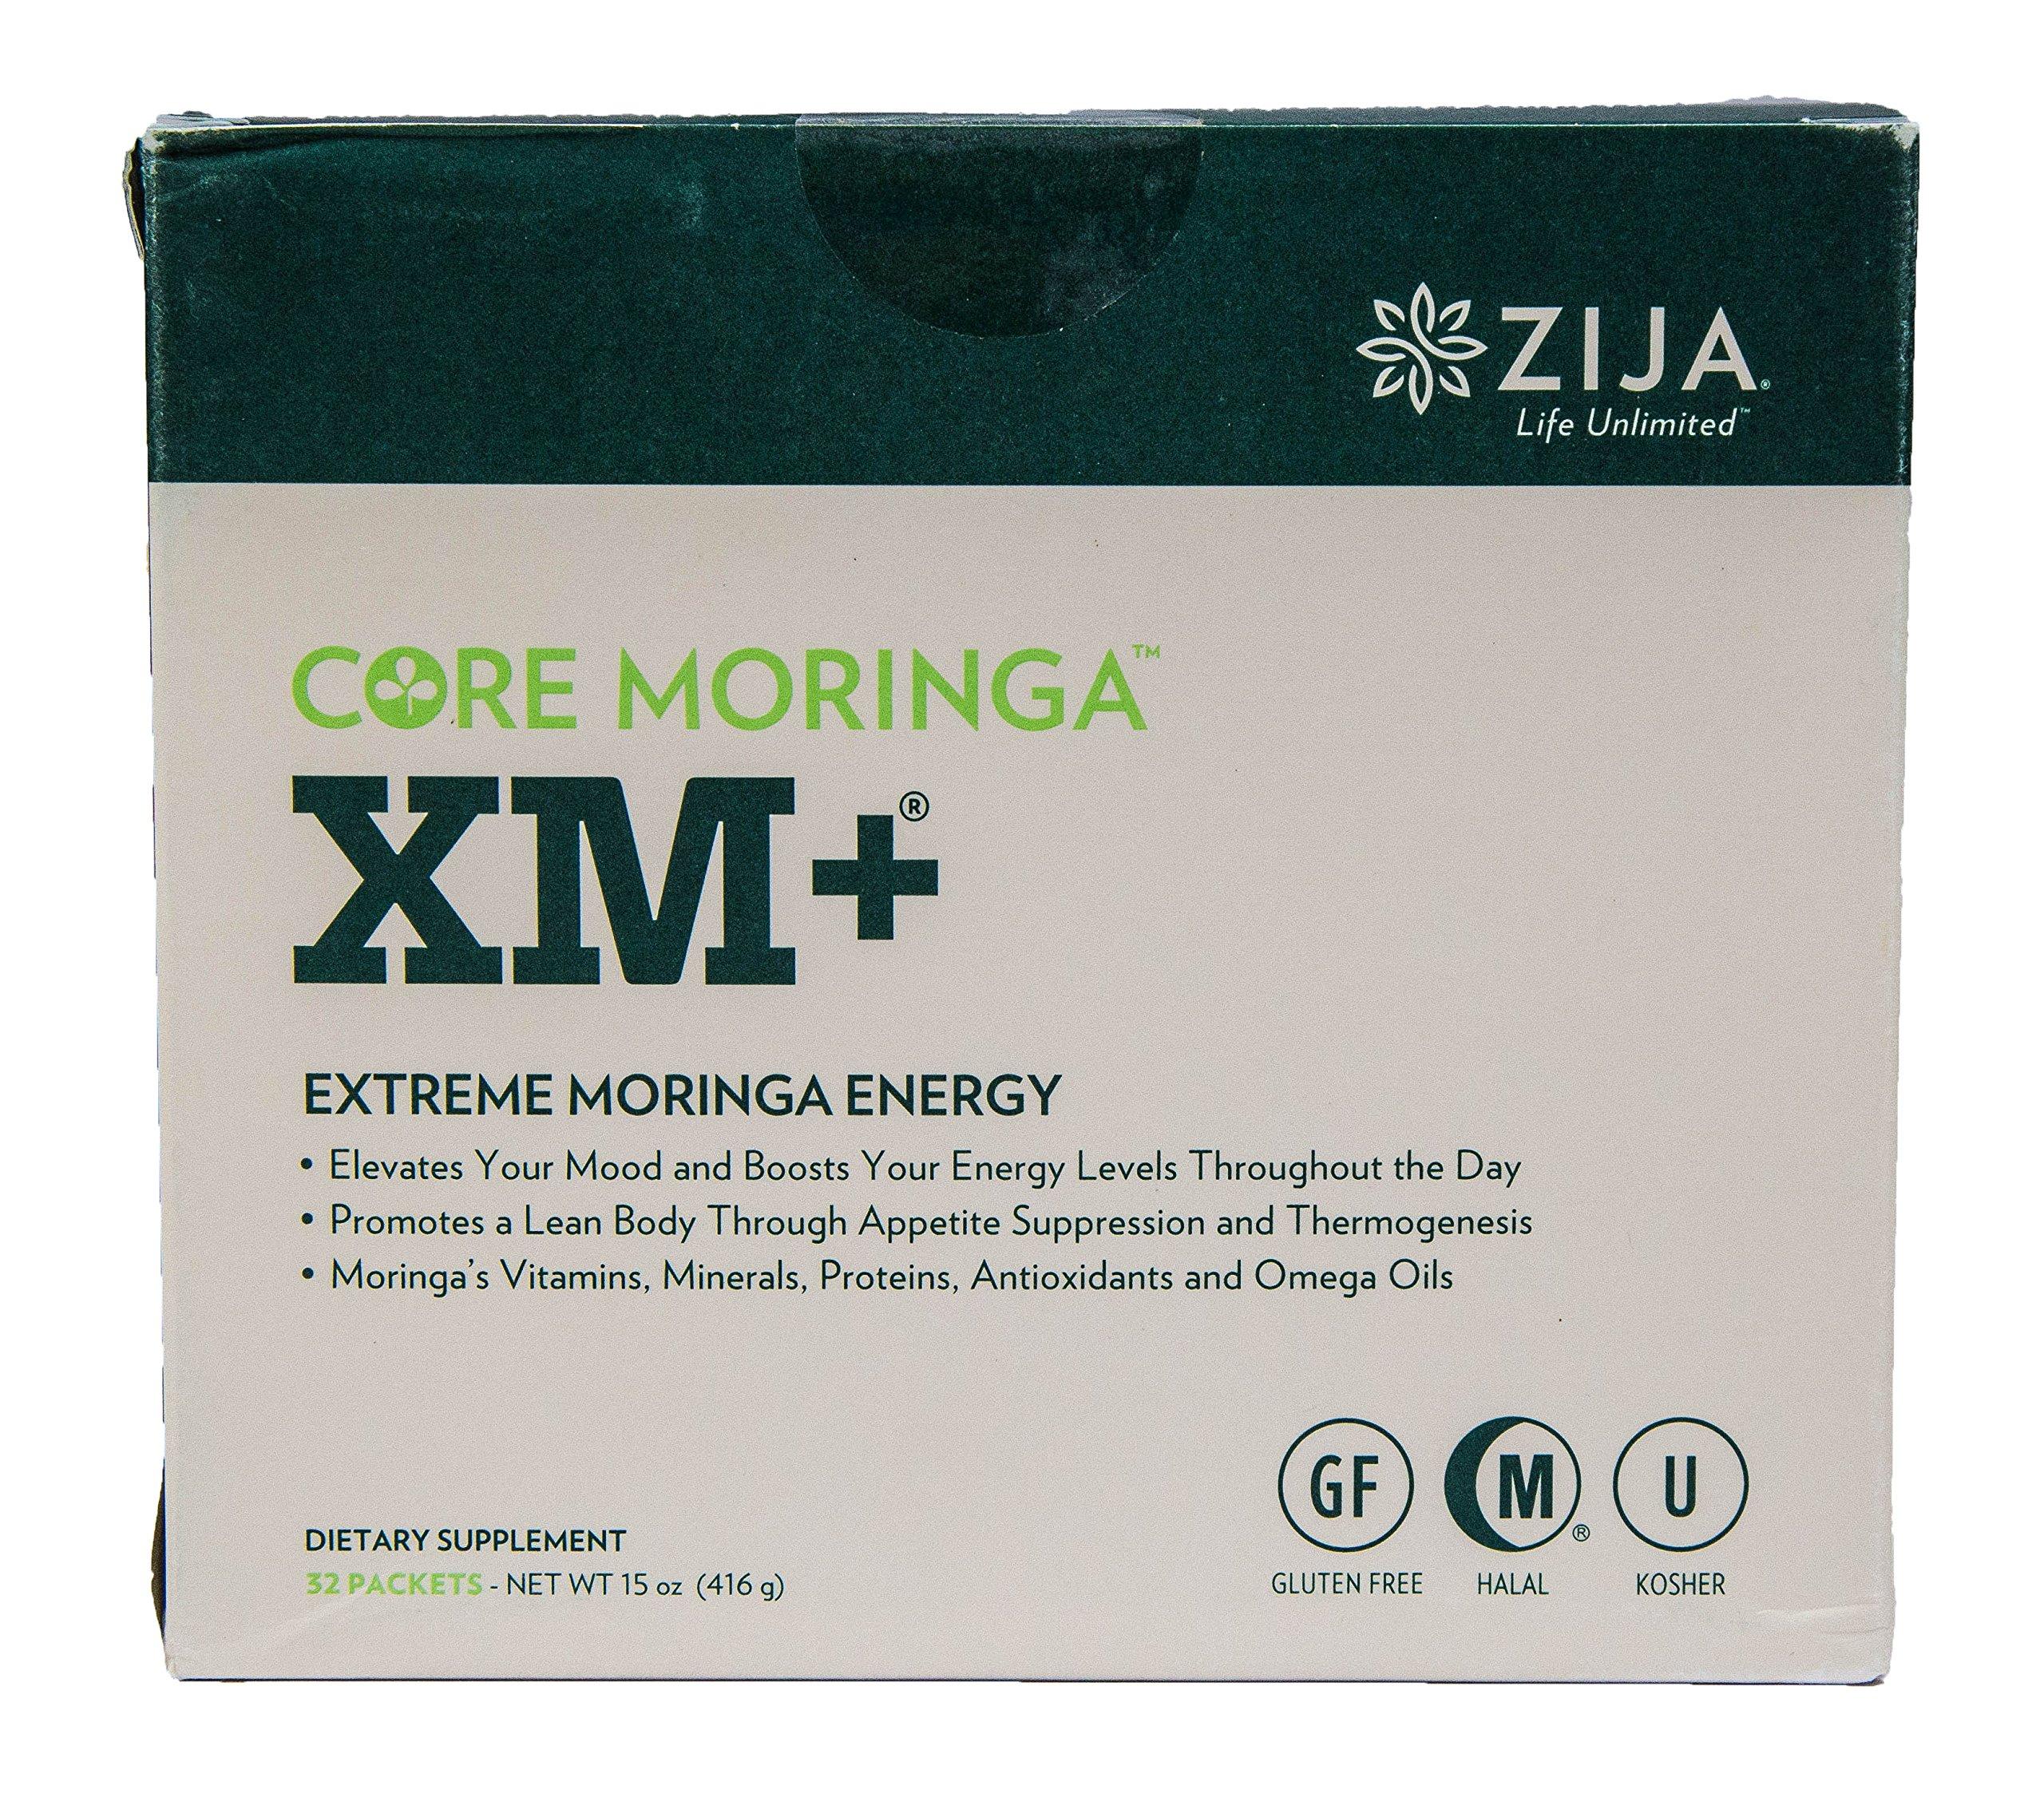 Zija International Core Moringa XM+ Extreme Moringa Energy 32 Packets